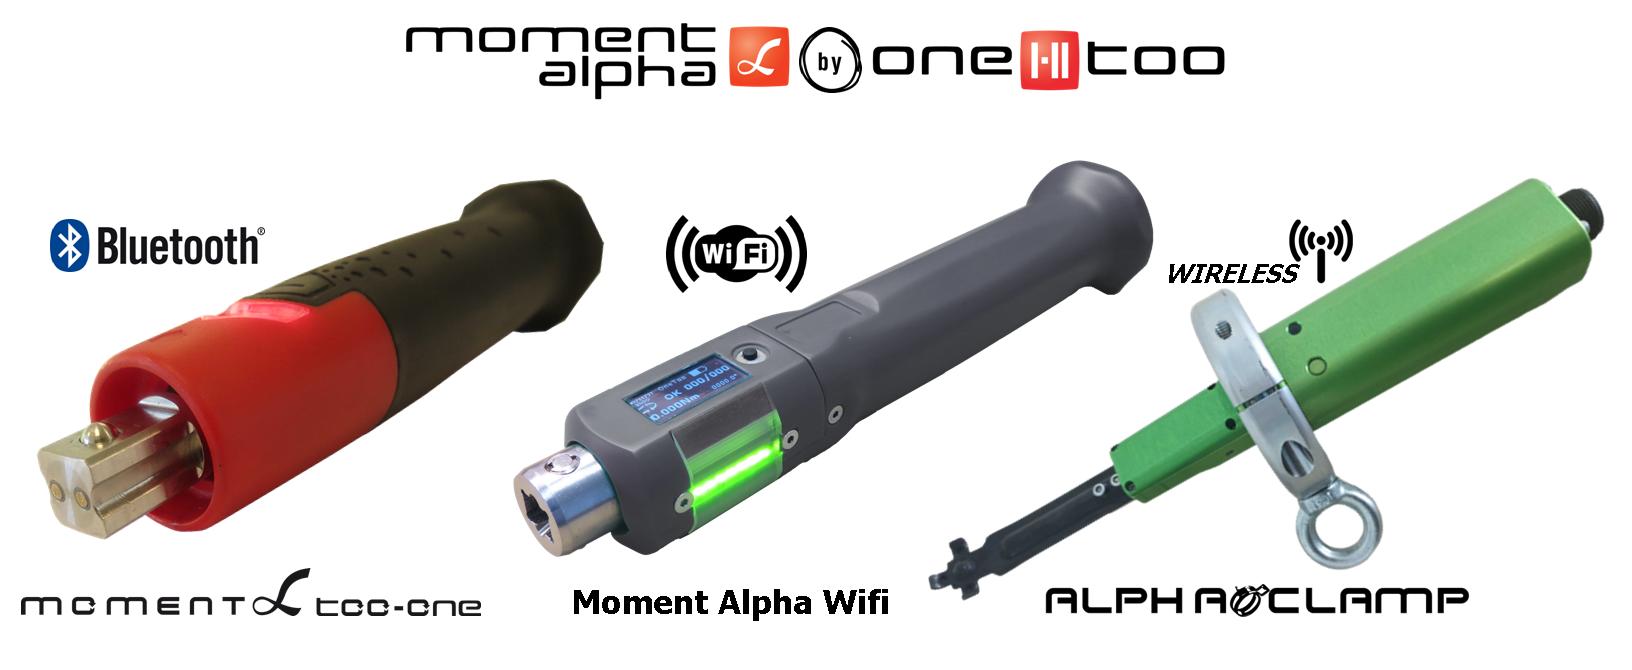 Gamme-Moment-Alpha